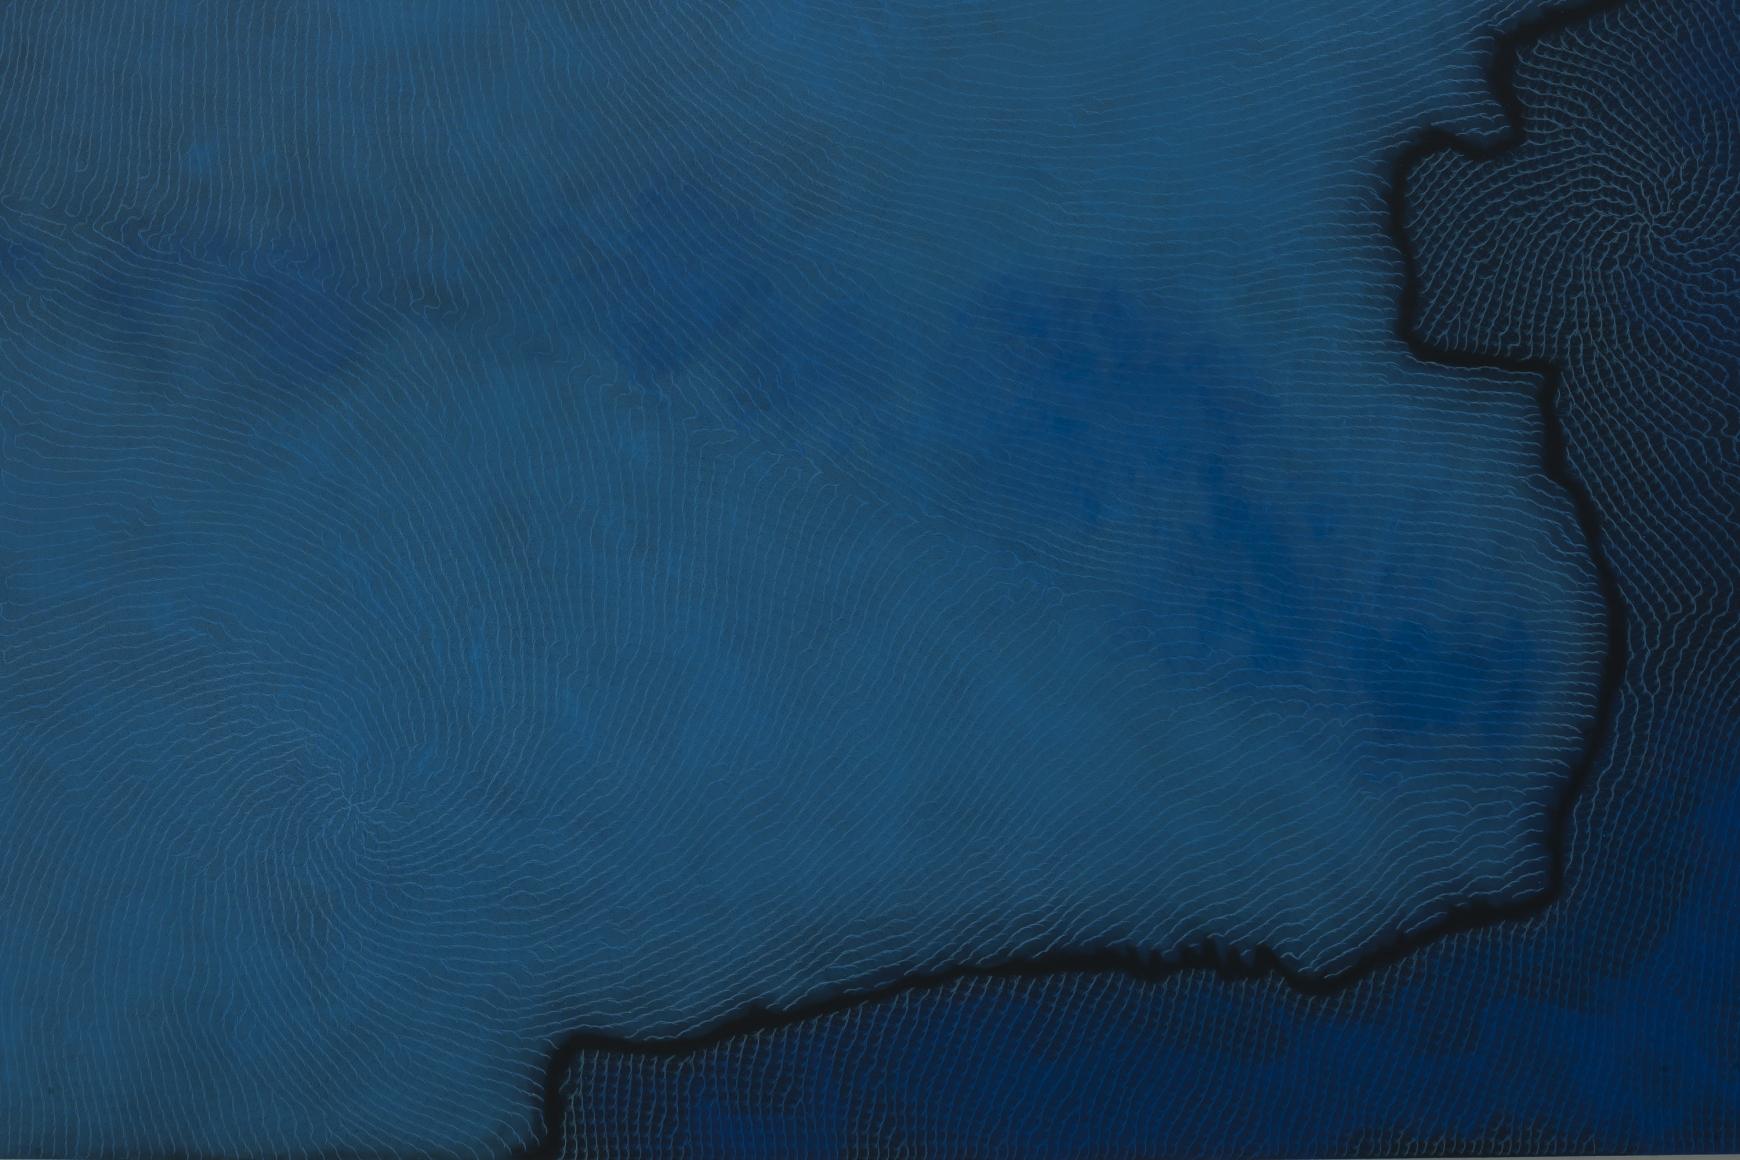 施拉澤·èµ«ä»€é˜¿é‡Œ Echo(detail),2013 鉛筆 顏料 鋁 畫布